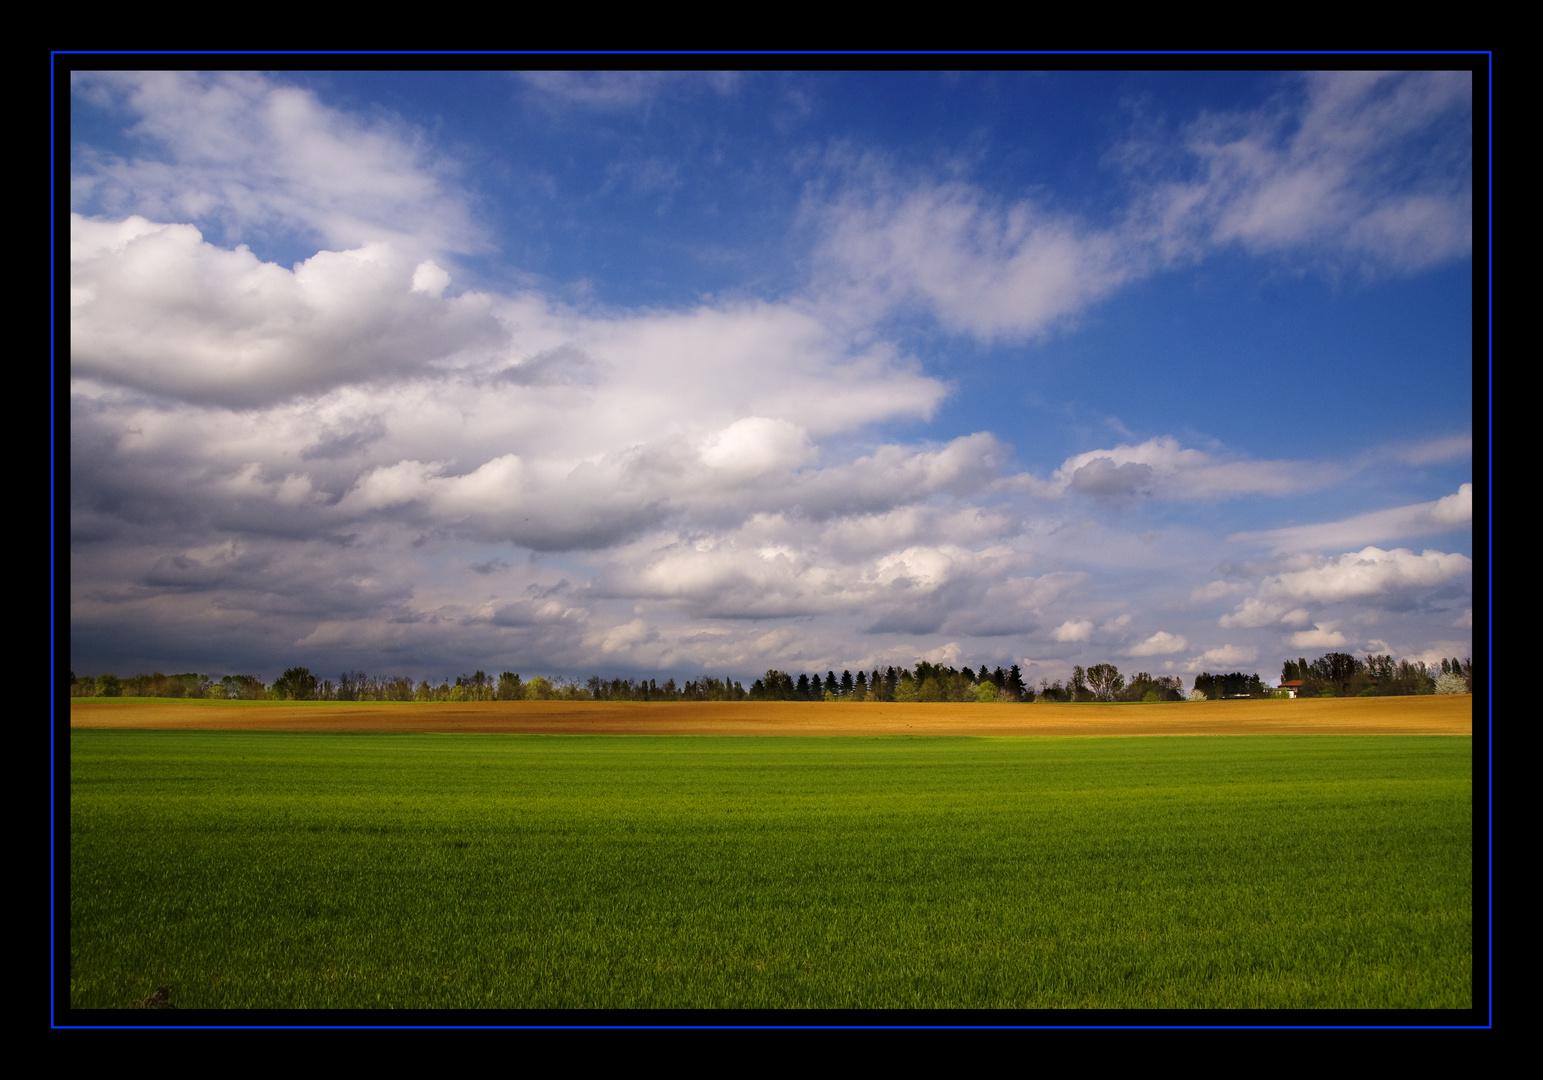 I colori della pianura del piemonte foto immagini - Immagini di tacchini a colori ...